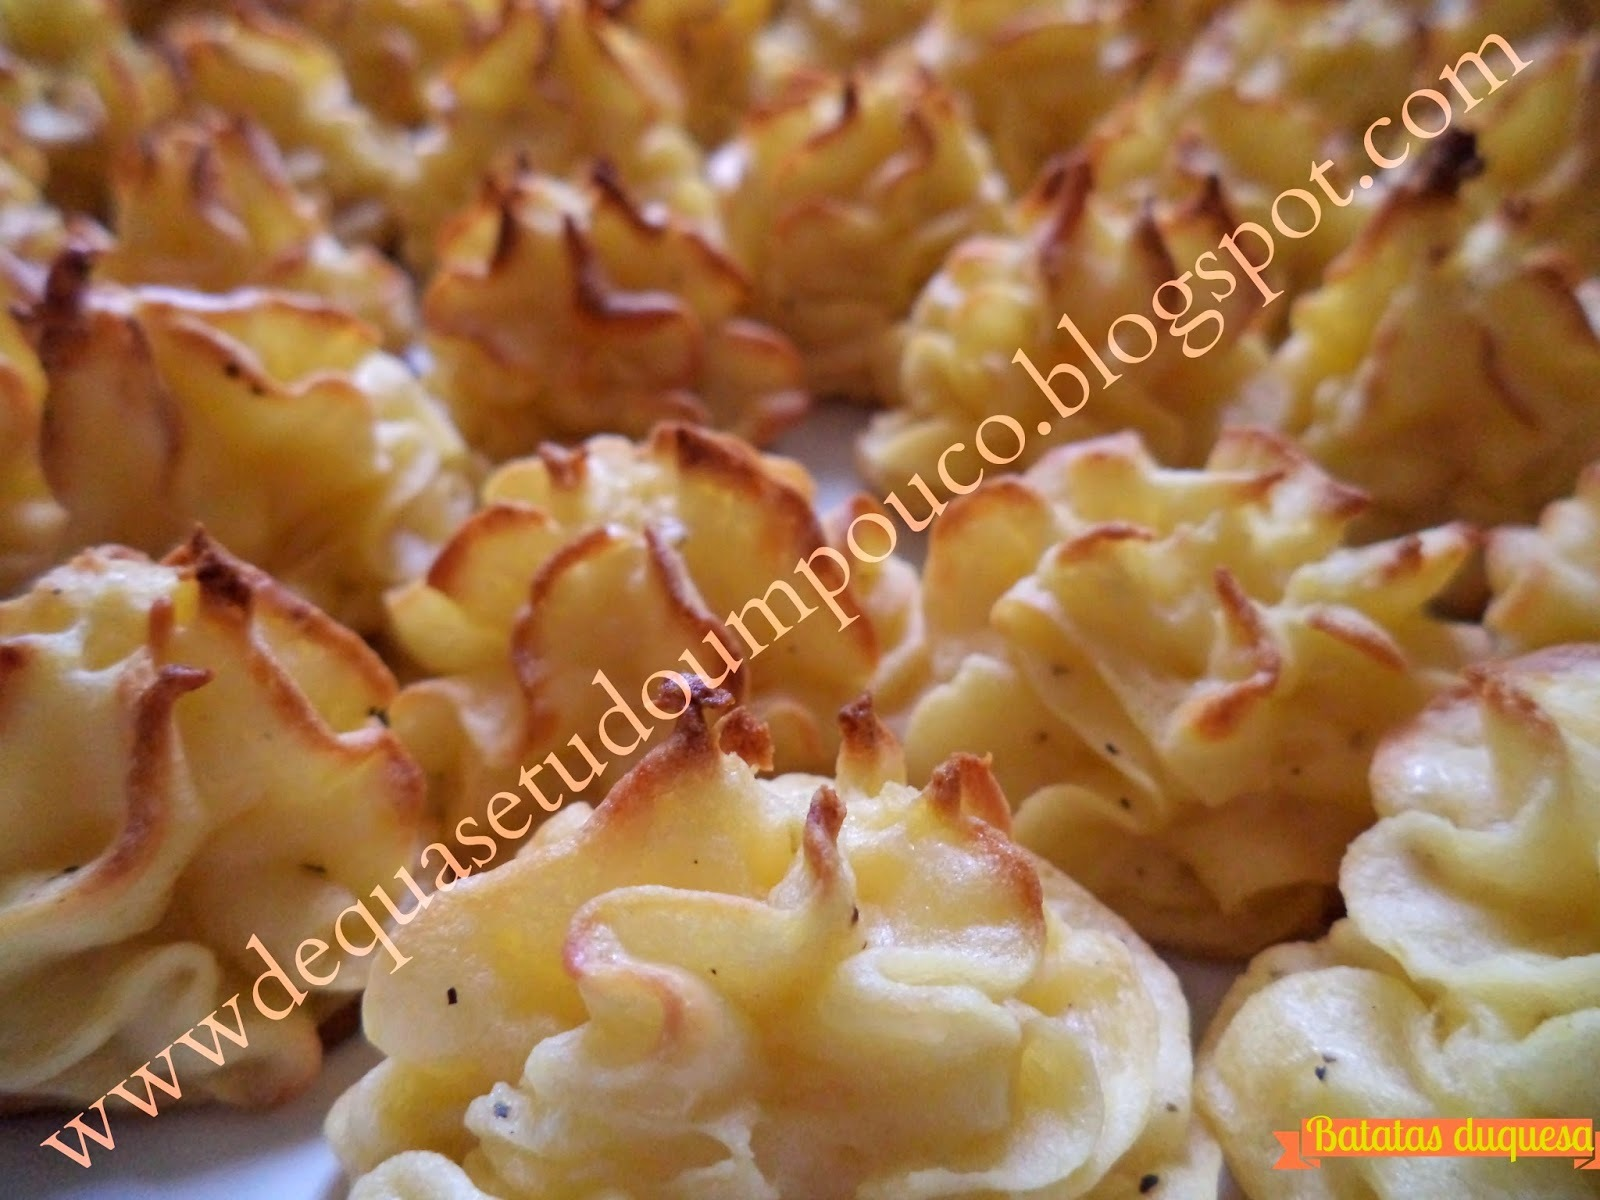 Batatas duquesa